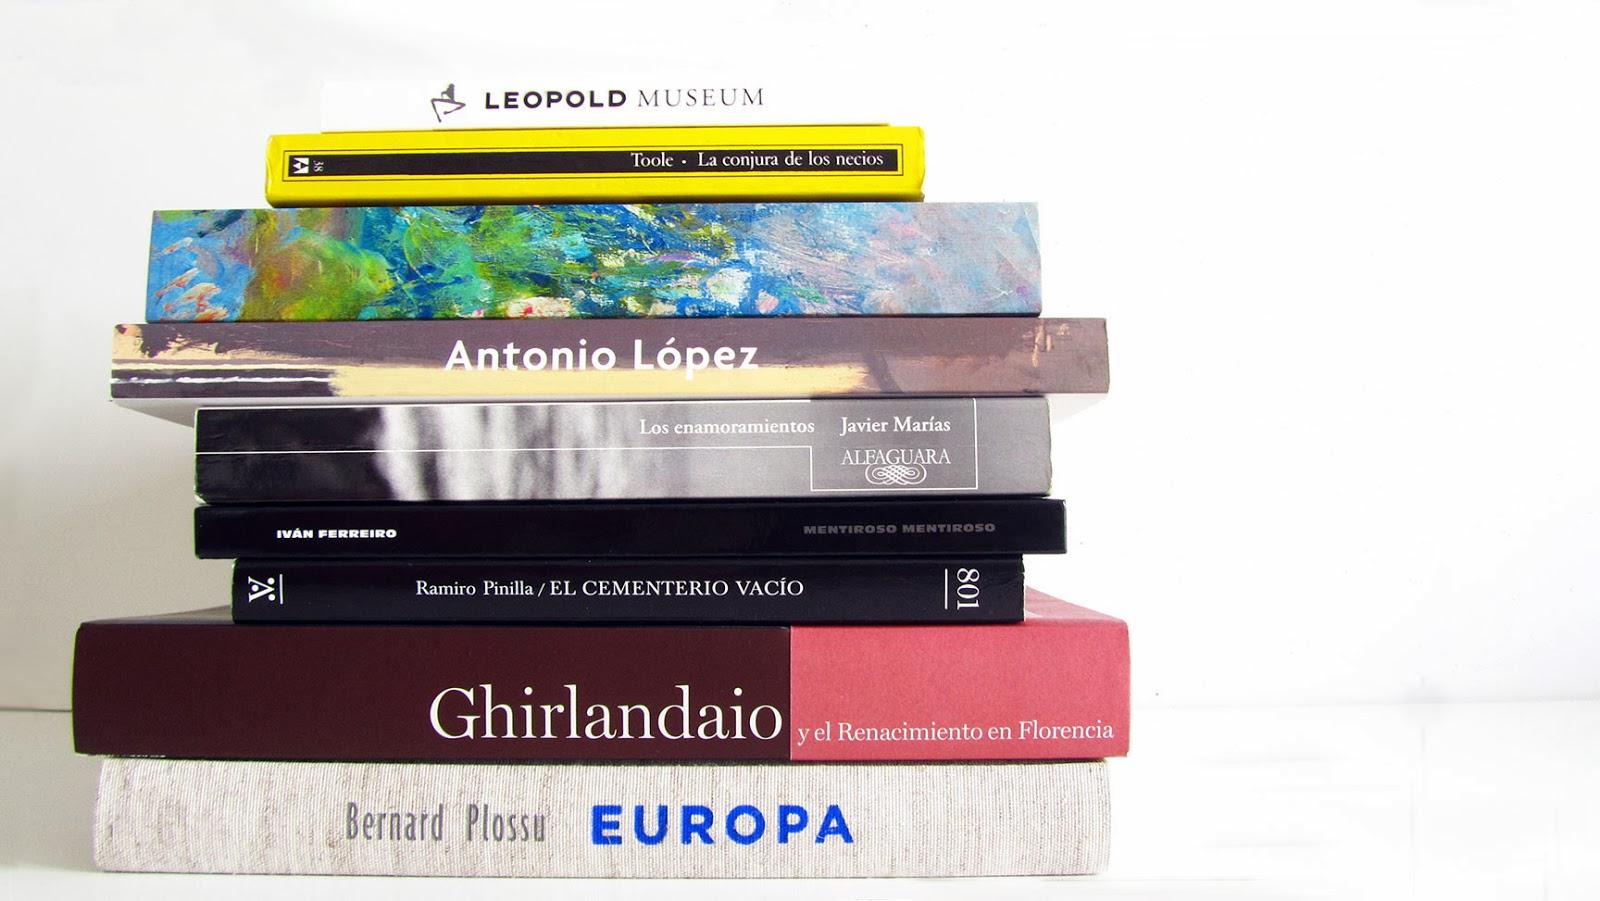 libros_ameiseblog